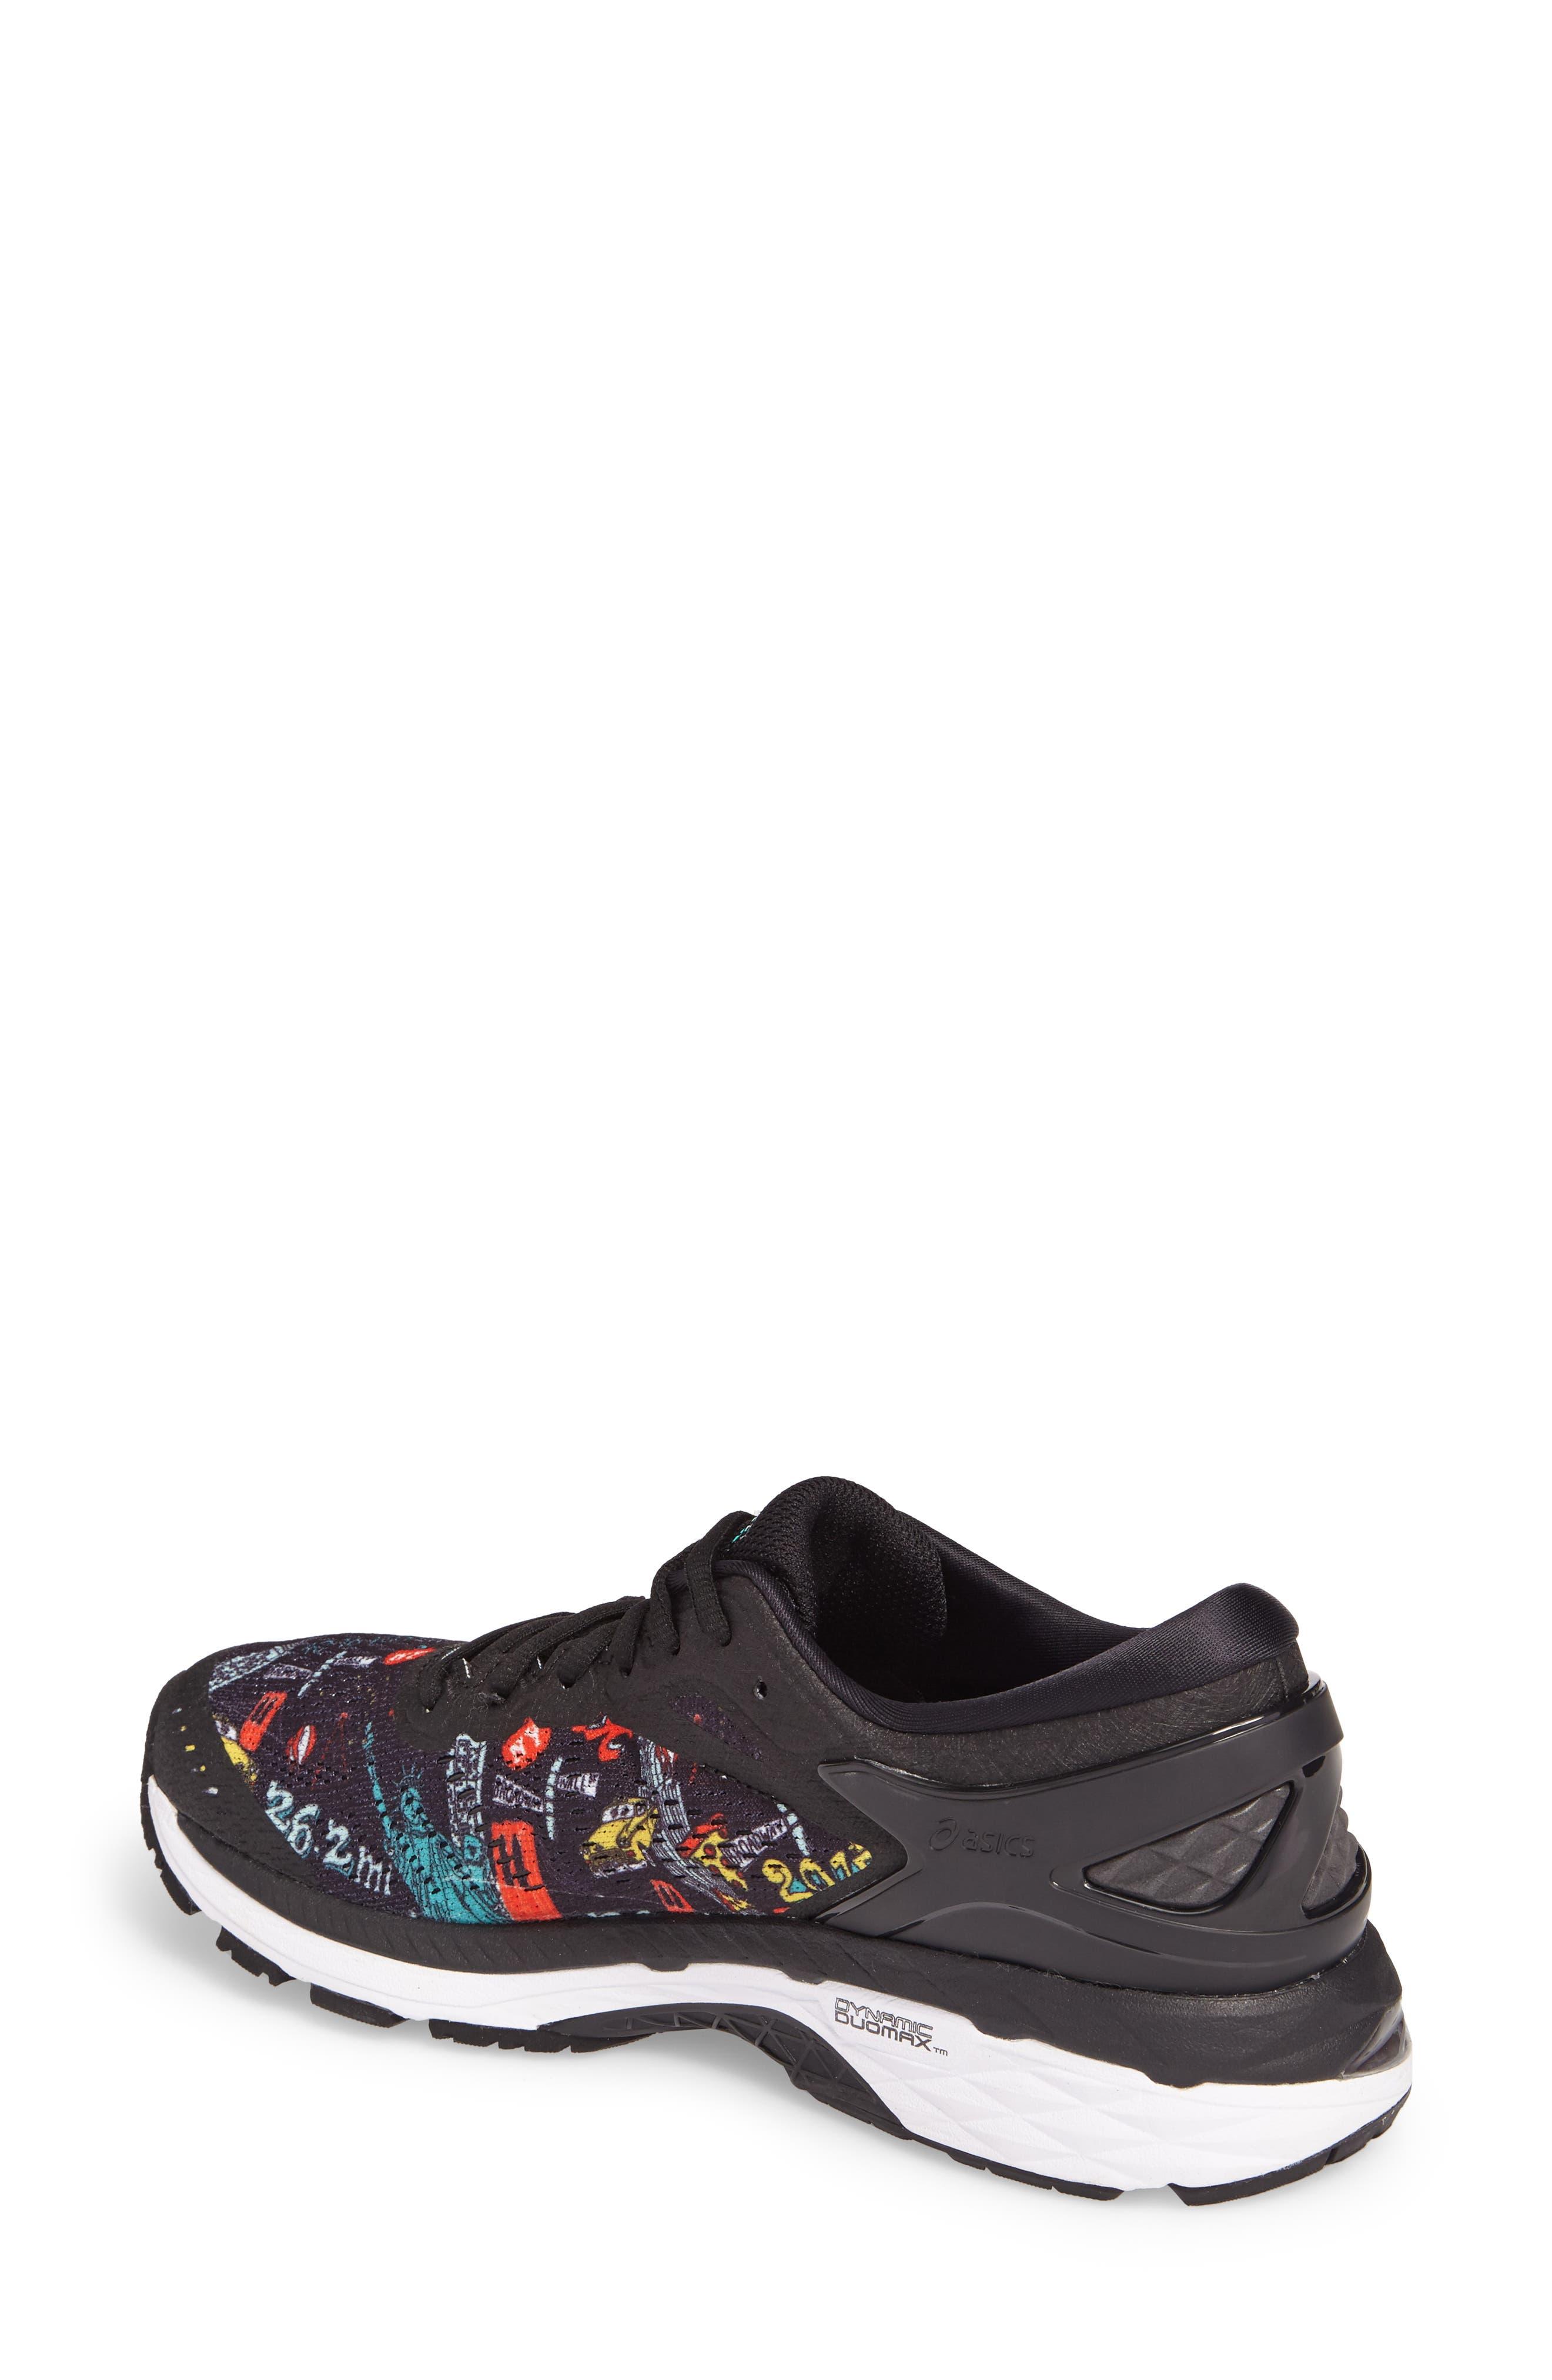 GEL-Kayano<sup>®</sup> 24 Running Shoe,                             Alternate thumbnail 2, color,                             009